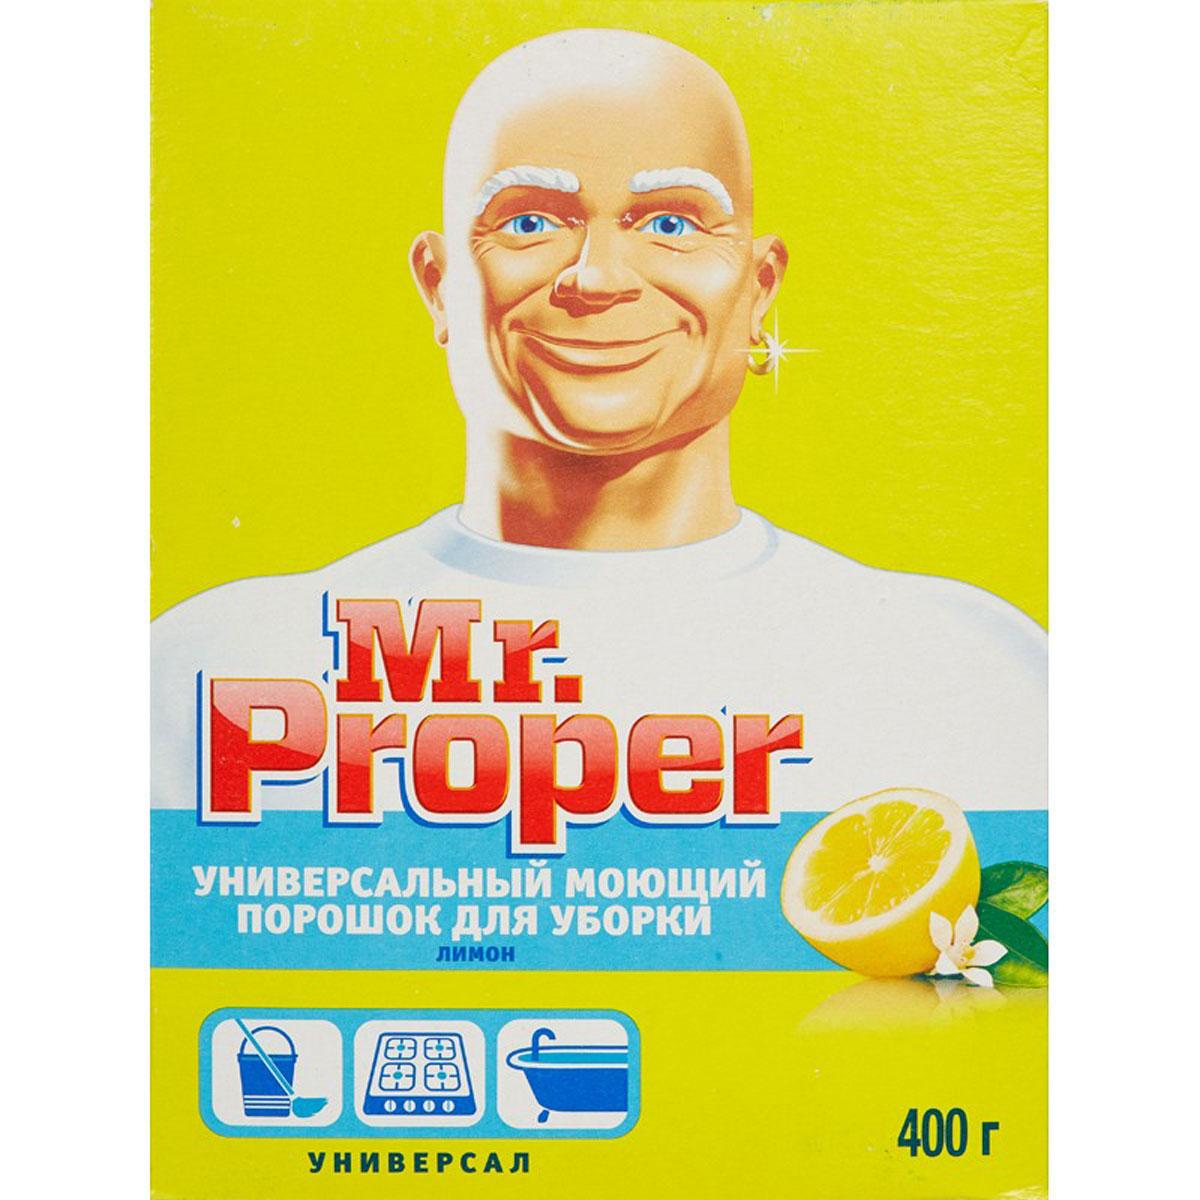 Универсальный моющий порошокMr. Proper, для уборки, ароматом лимона, 400 гMP-81533411Универсальный моющий порошок Mr. Proper предназначен для уборки дома. Рекомендован для использования на полах, стенах и других больших поверхностях. Чистящее средство эффективно удаляет различные загрязнения.Обладает приятным ароматом лимона. Характеристики: Вес: 400 мл.Изготовитель: Россия. Товар сертифицирован.Как выбрать качественную бытовую химию, безопасную для природы и людей. Статья OZON Гид